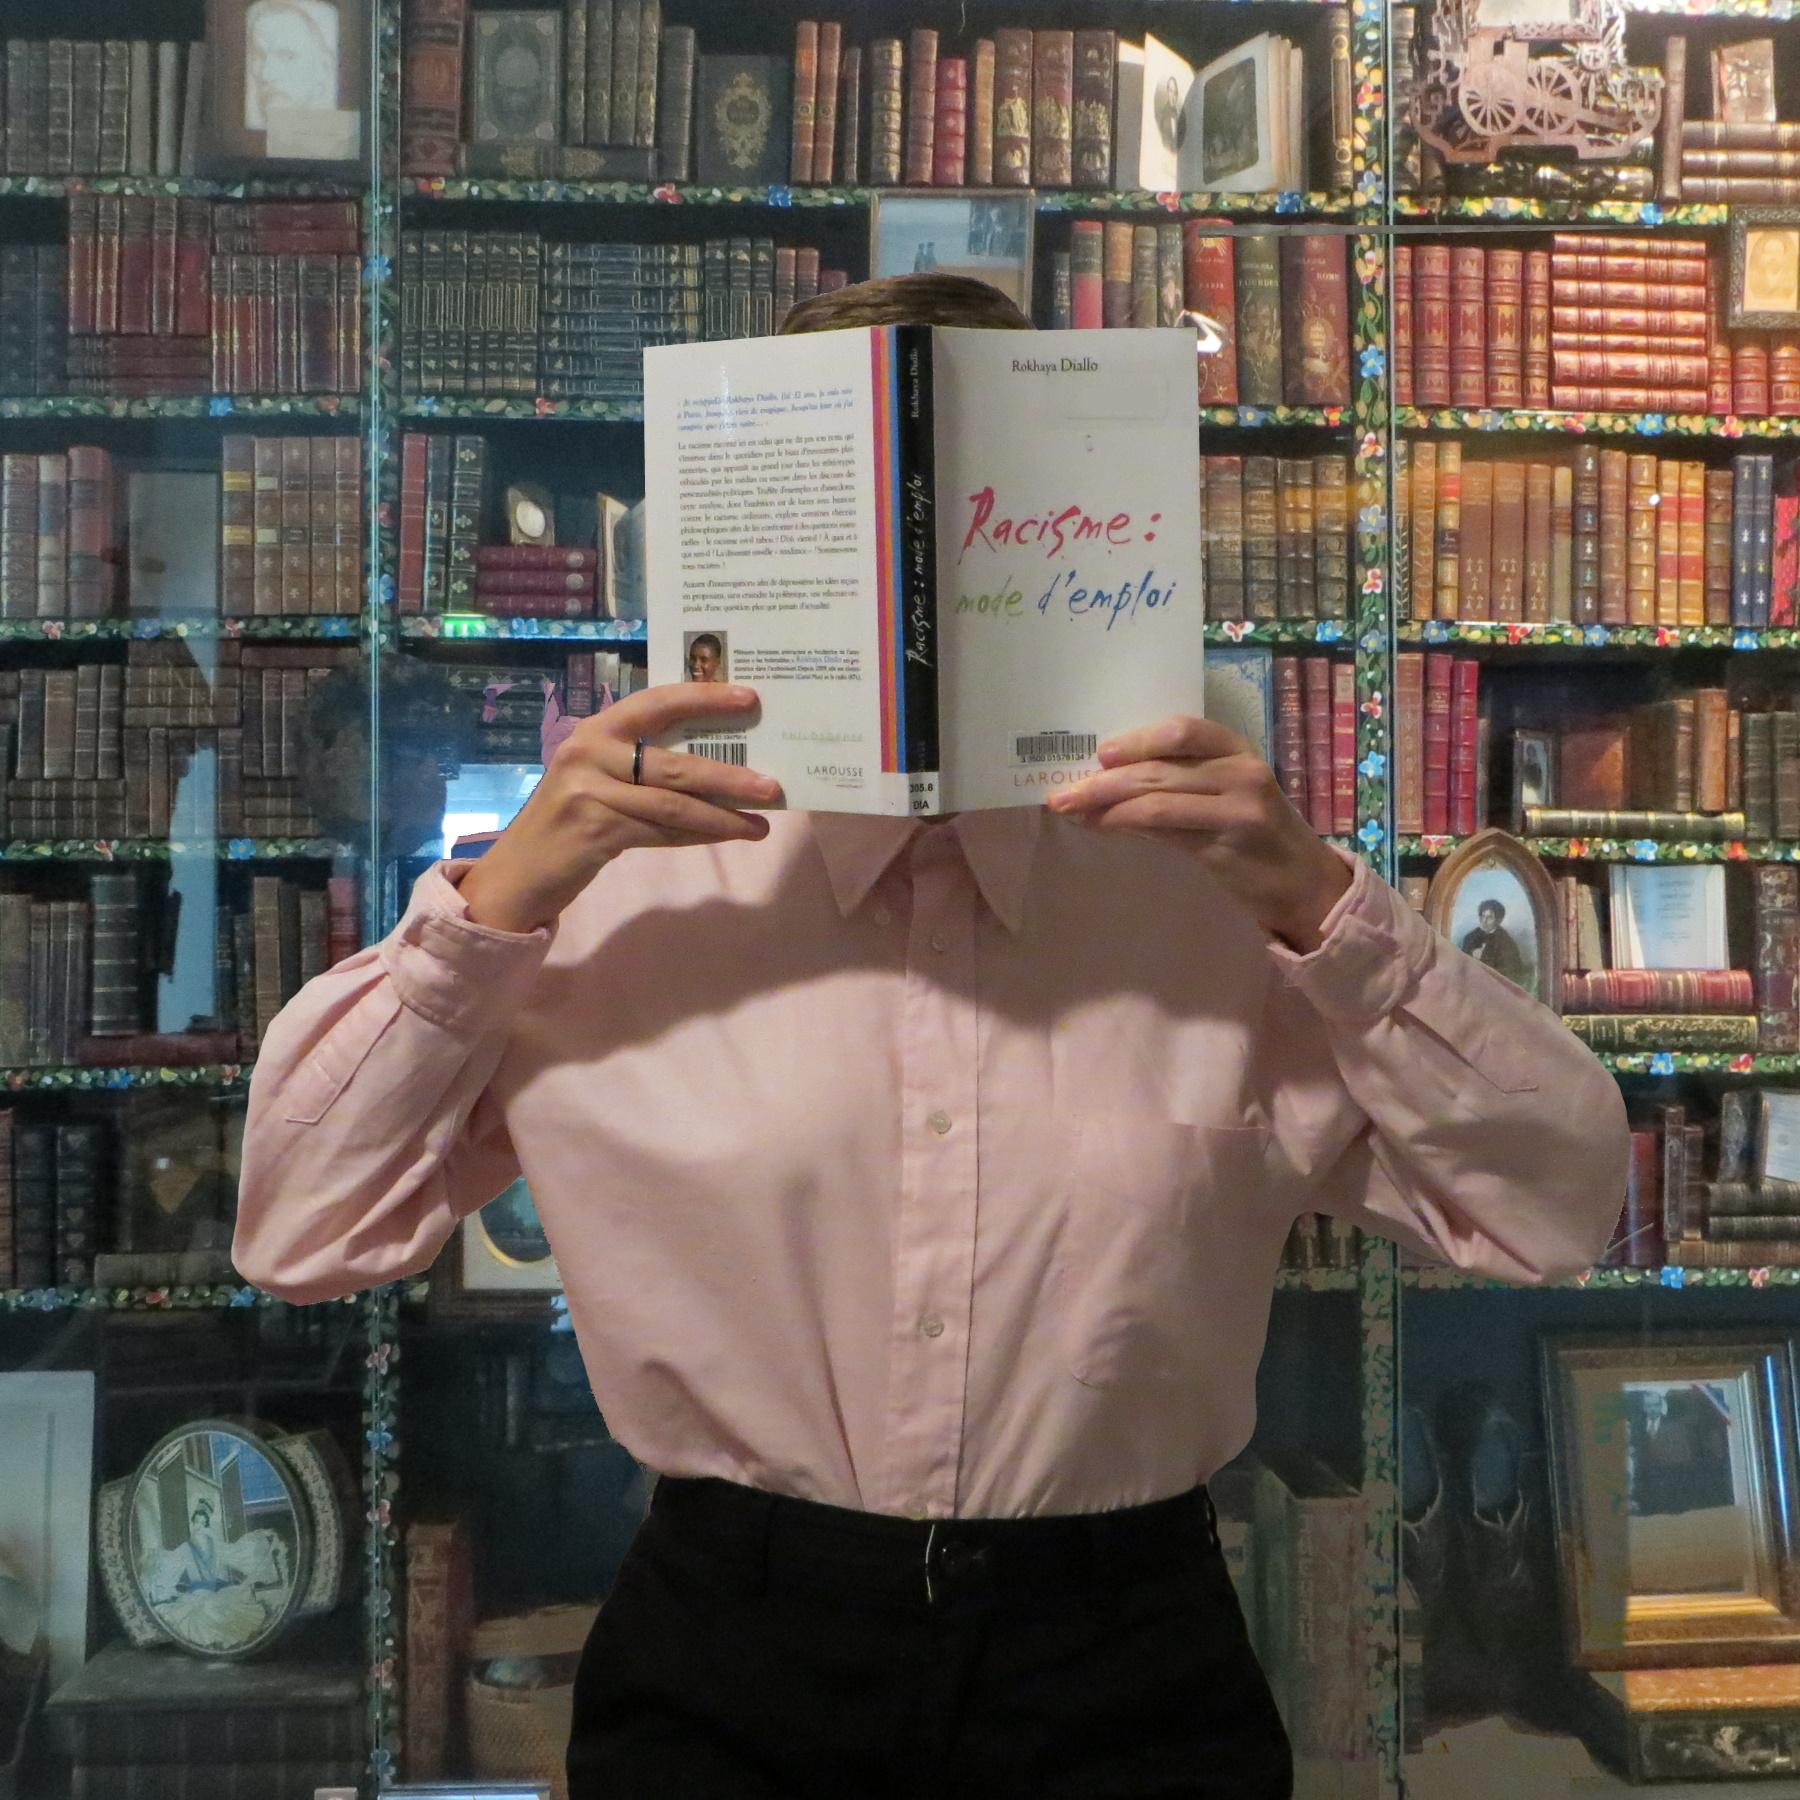 personne en chemise lisant Racisme : mode d'emploi de Rokhaya Diallo dans une bibliothèque pleine de grimoires